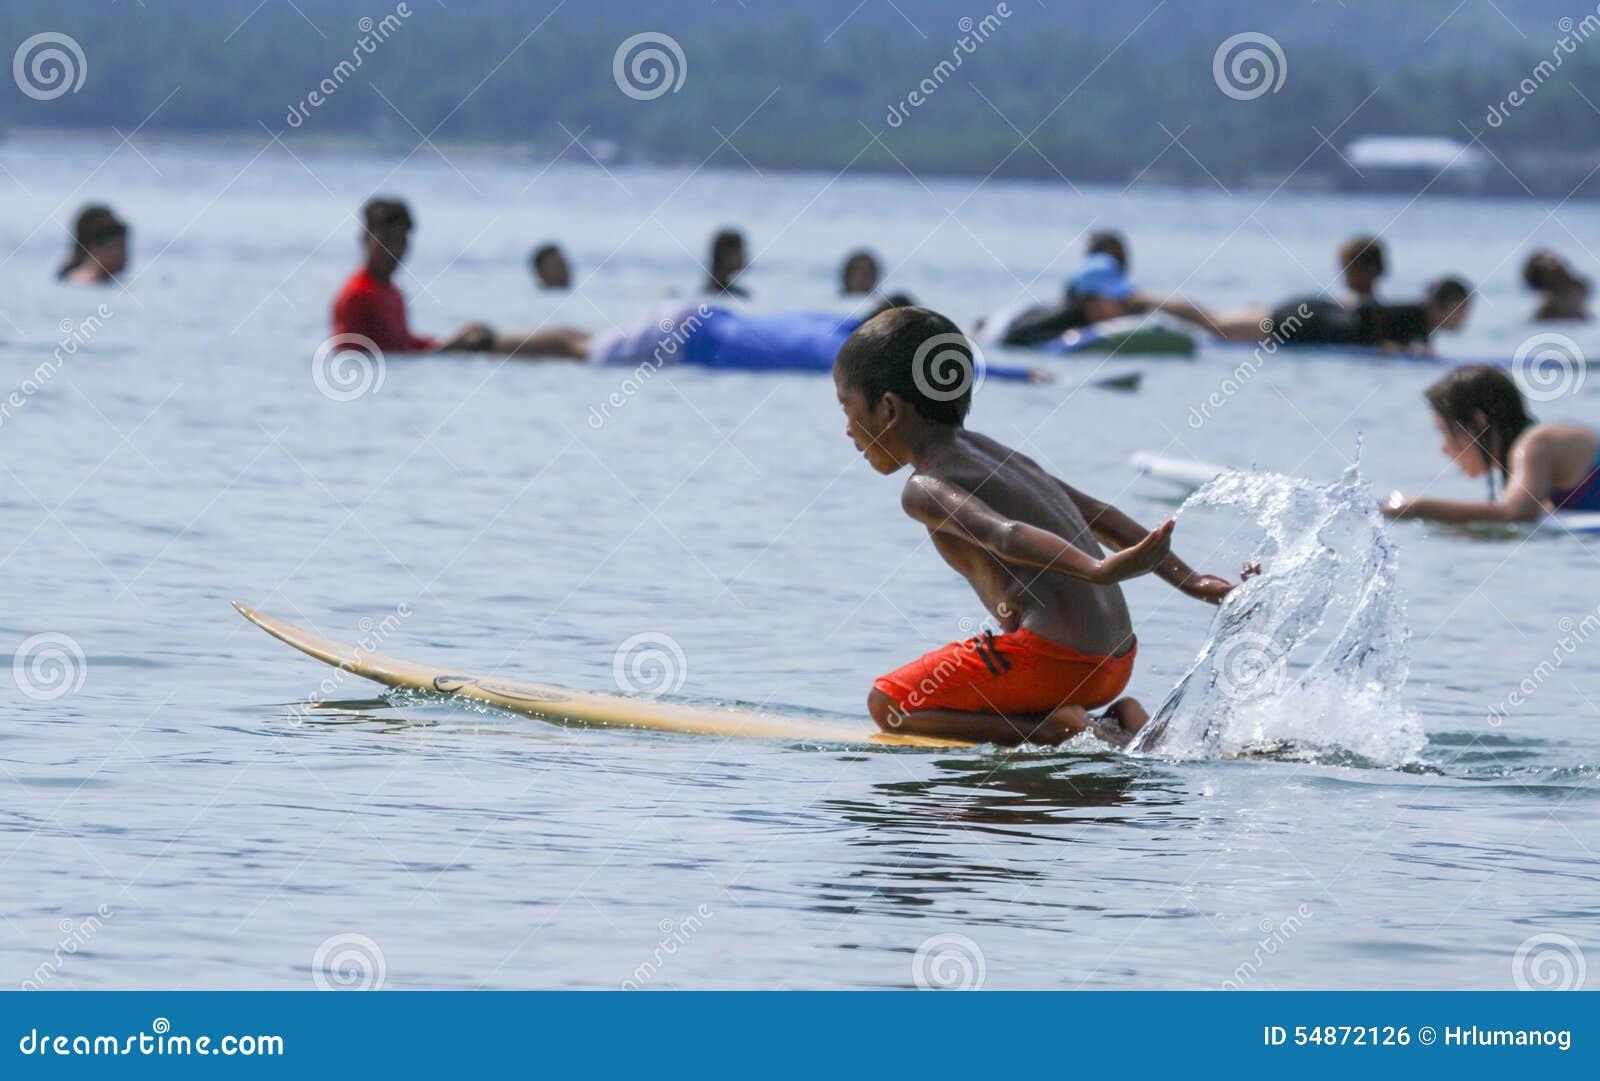 PHILIPPINES-SURFING-SUMMER